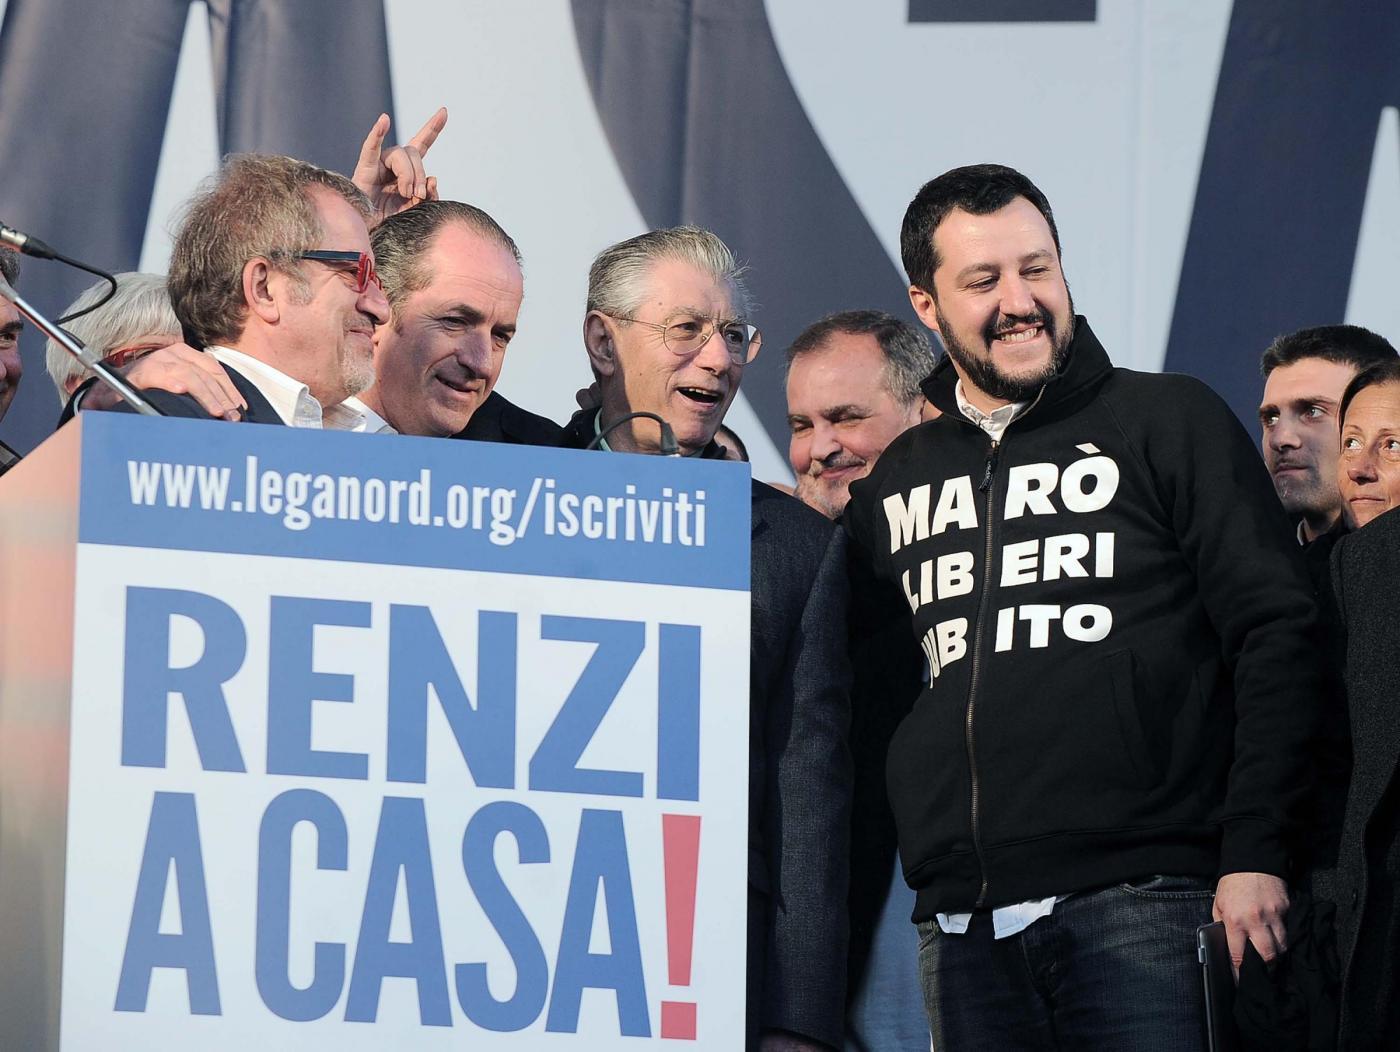 Umberto Bossi con Salvini manifestazione Renzi a casa